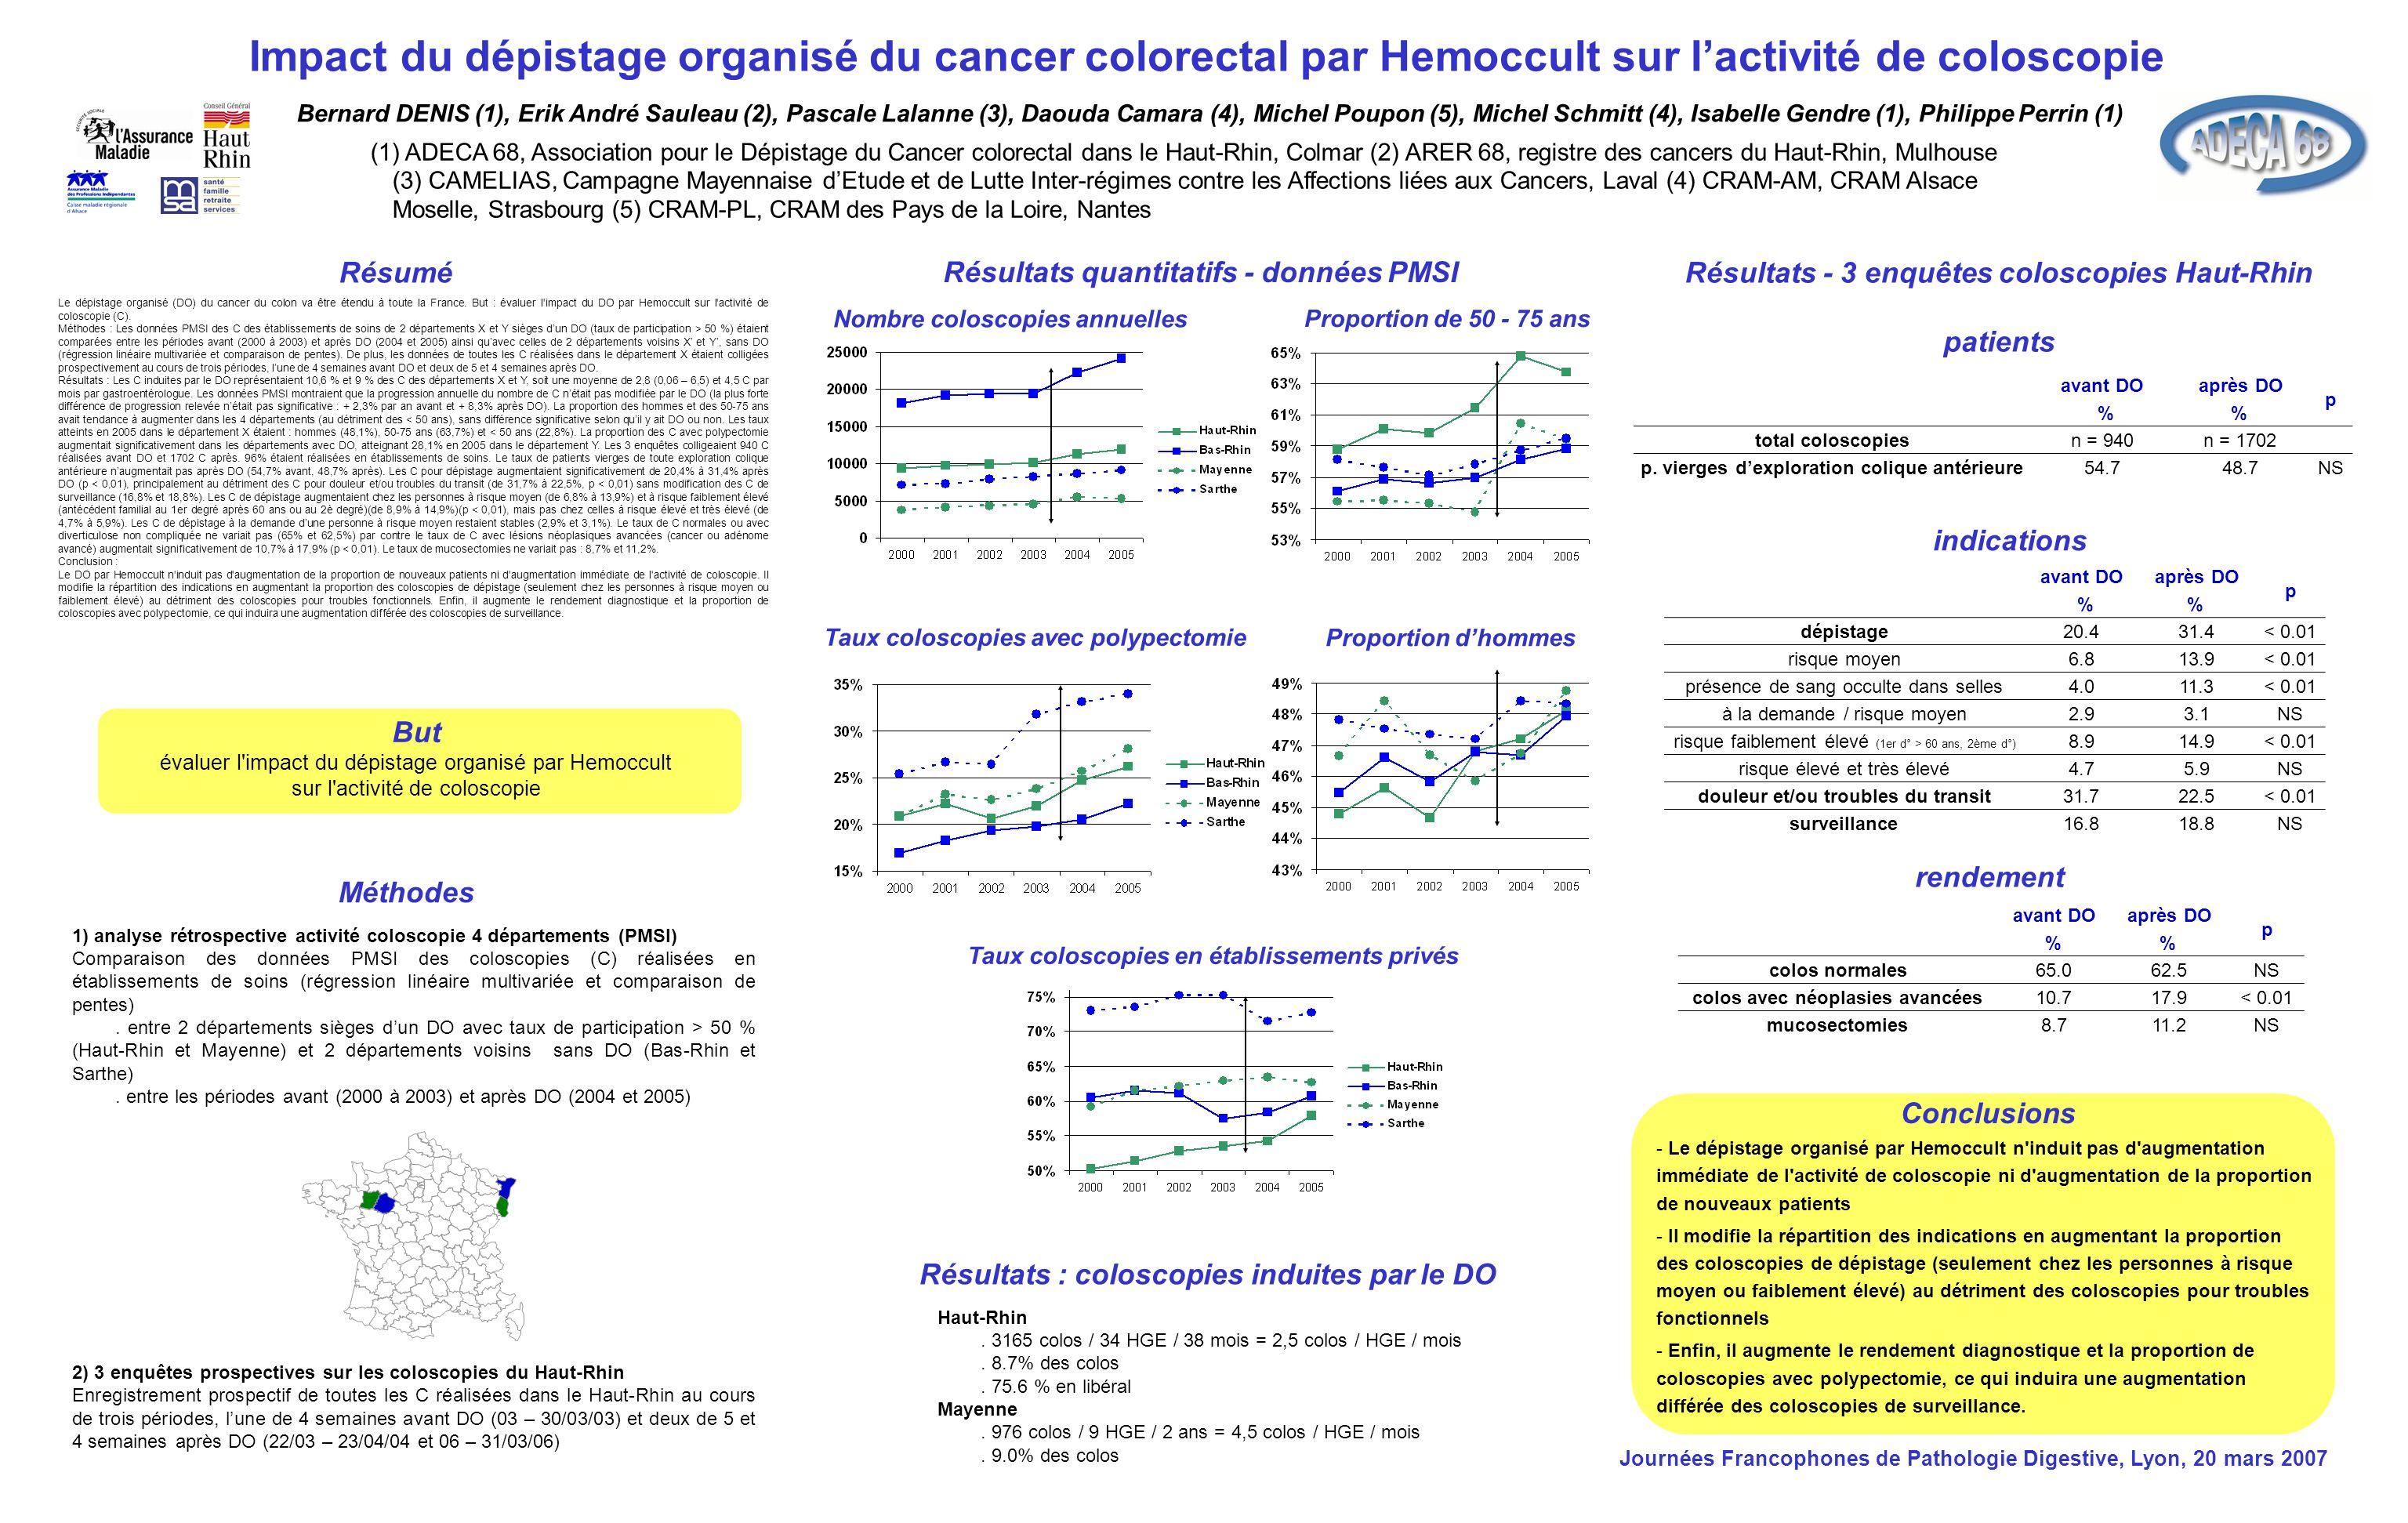 Impact du dépistage organisé du cancer colorectal par Hemoccult sur l'activité de coloscopie